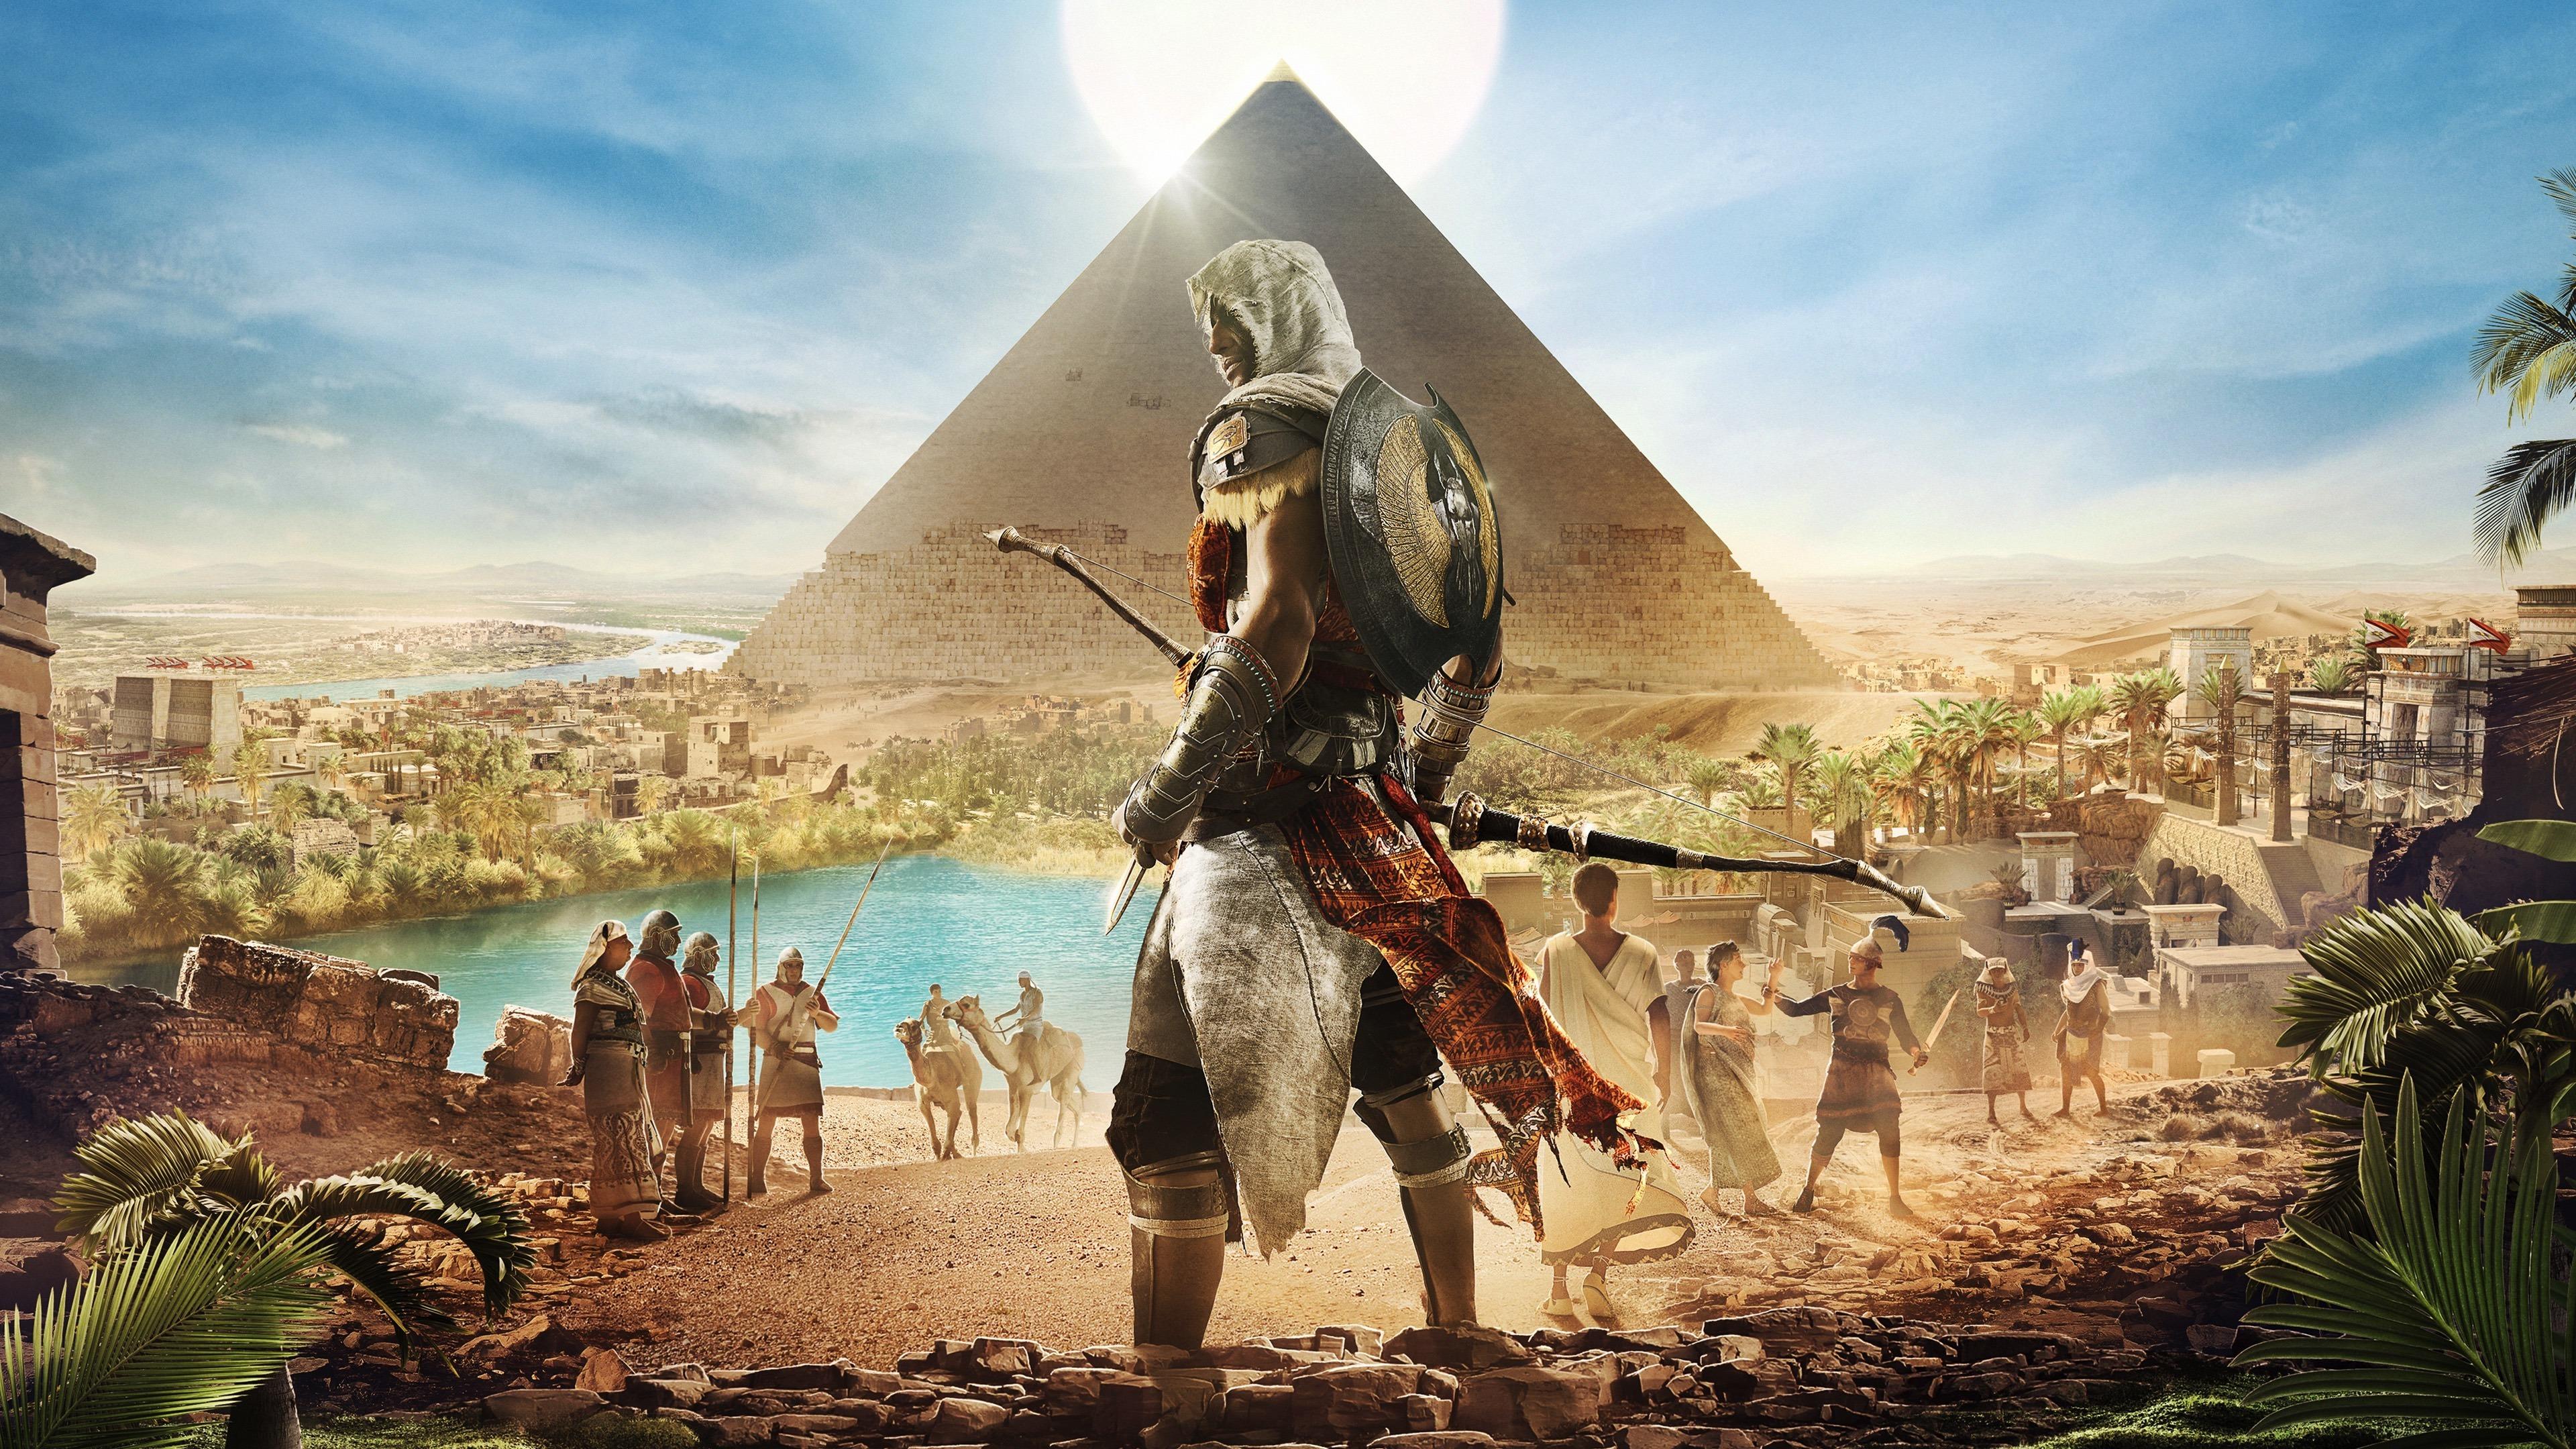 Download 3840x2160 Wallpaper Assassin S Creed Origins